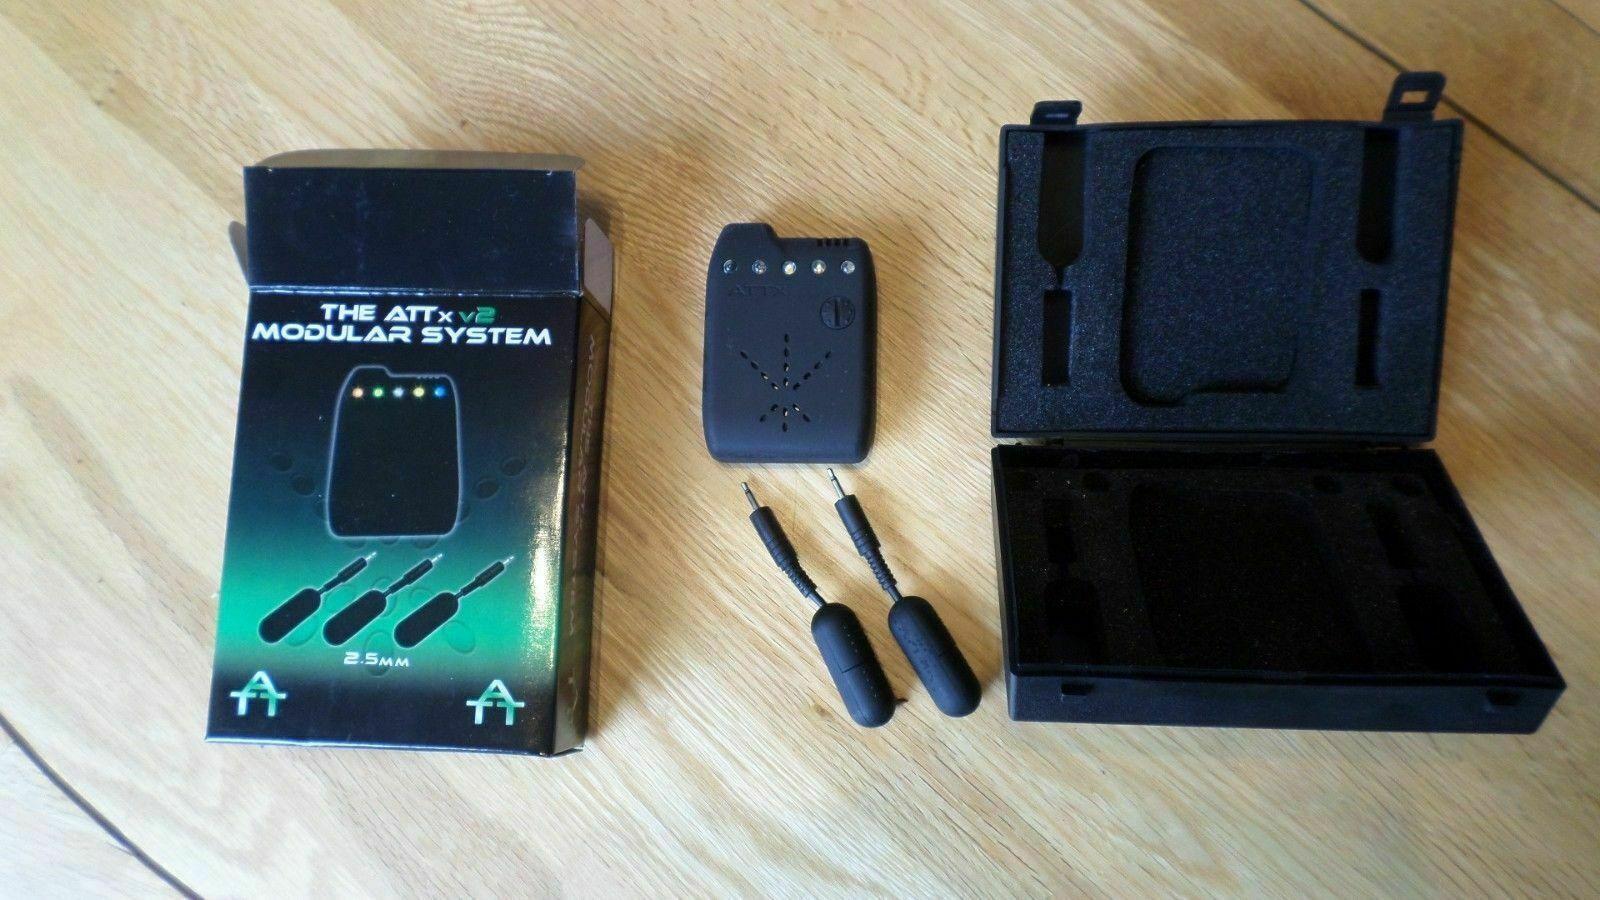 Gardner Attx V2 sistema modulare di trasmissione 2x Dongle 2.5mm tutto nuovo in scatola